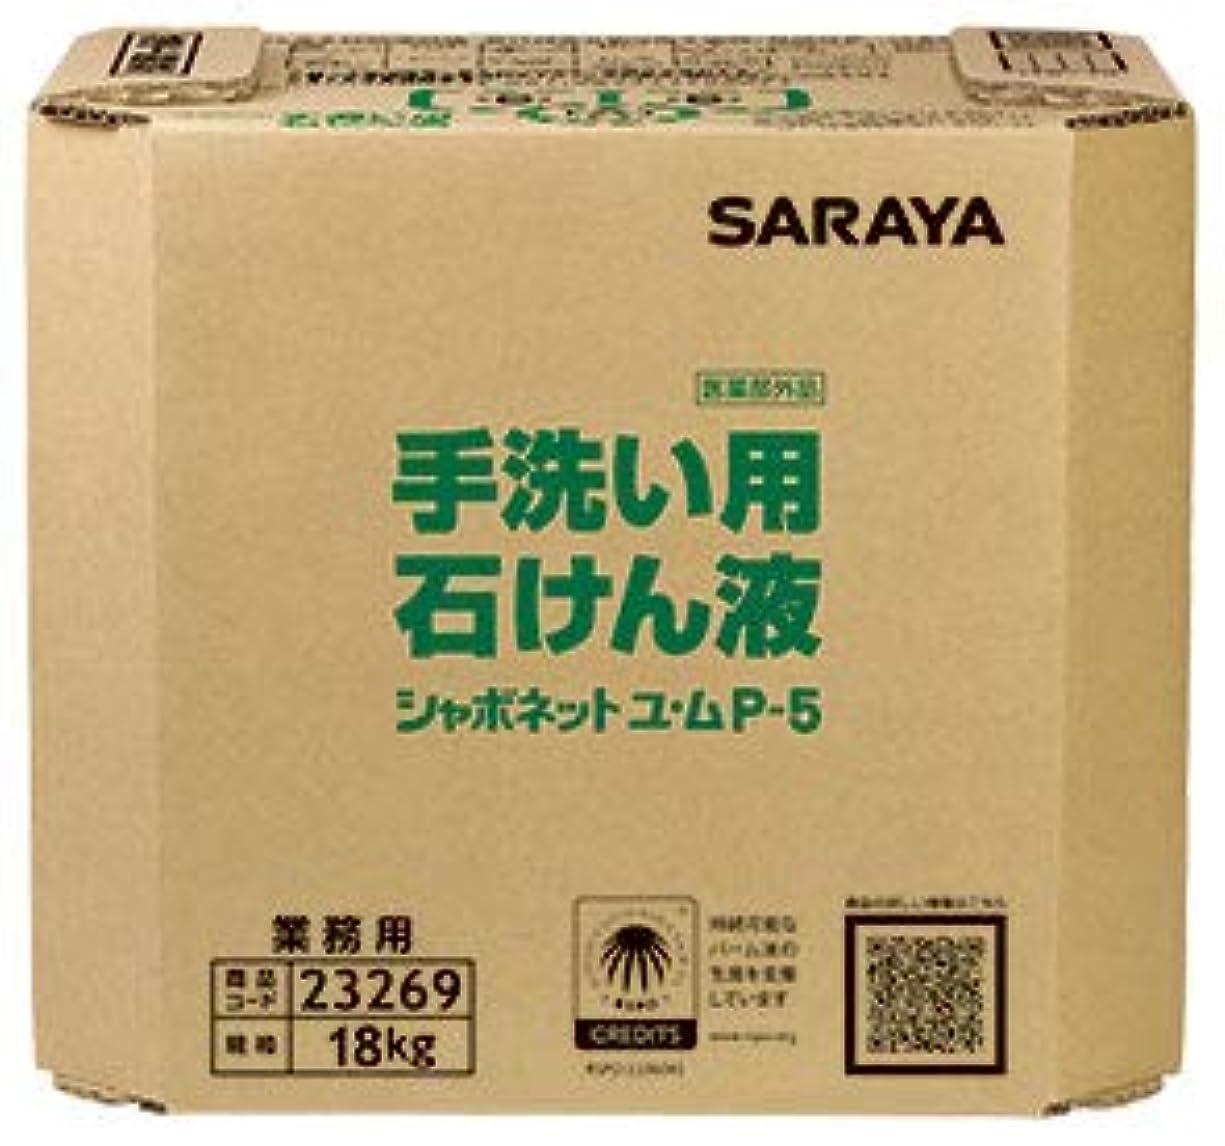 キャンプ収束する飾るサラヤ 手洗い用石けん液 シャボネットユ?ム P-5 八角BIB 18kg